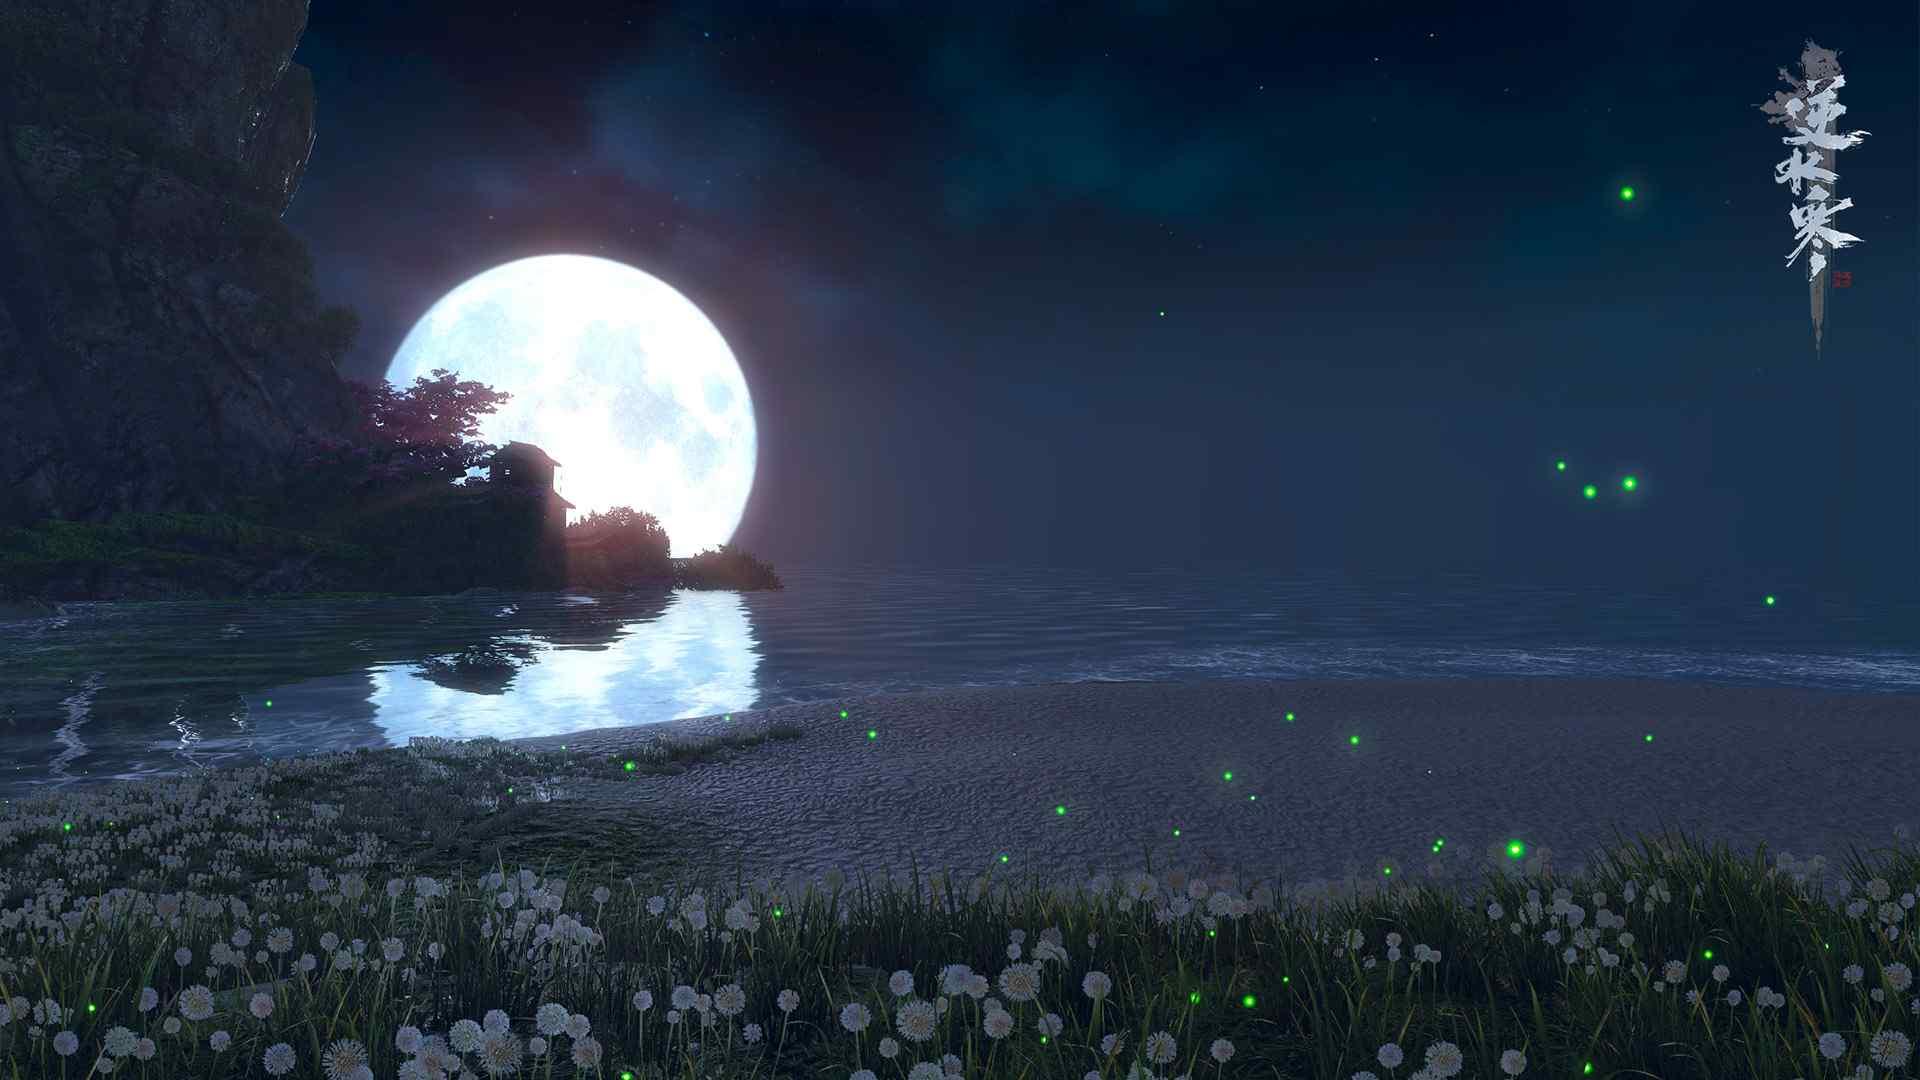 逆水寒月光景色游戏图片